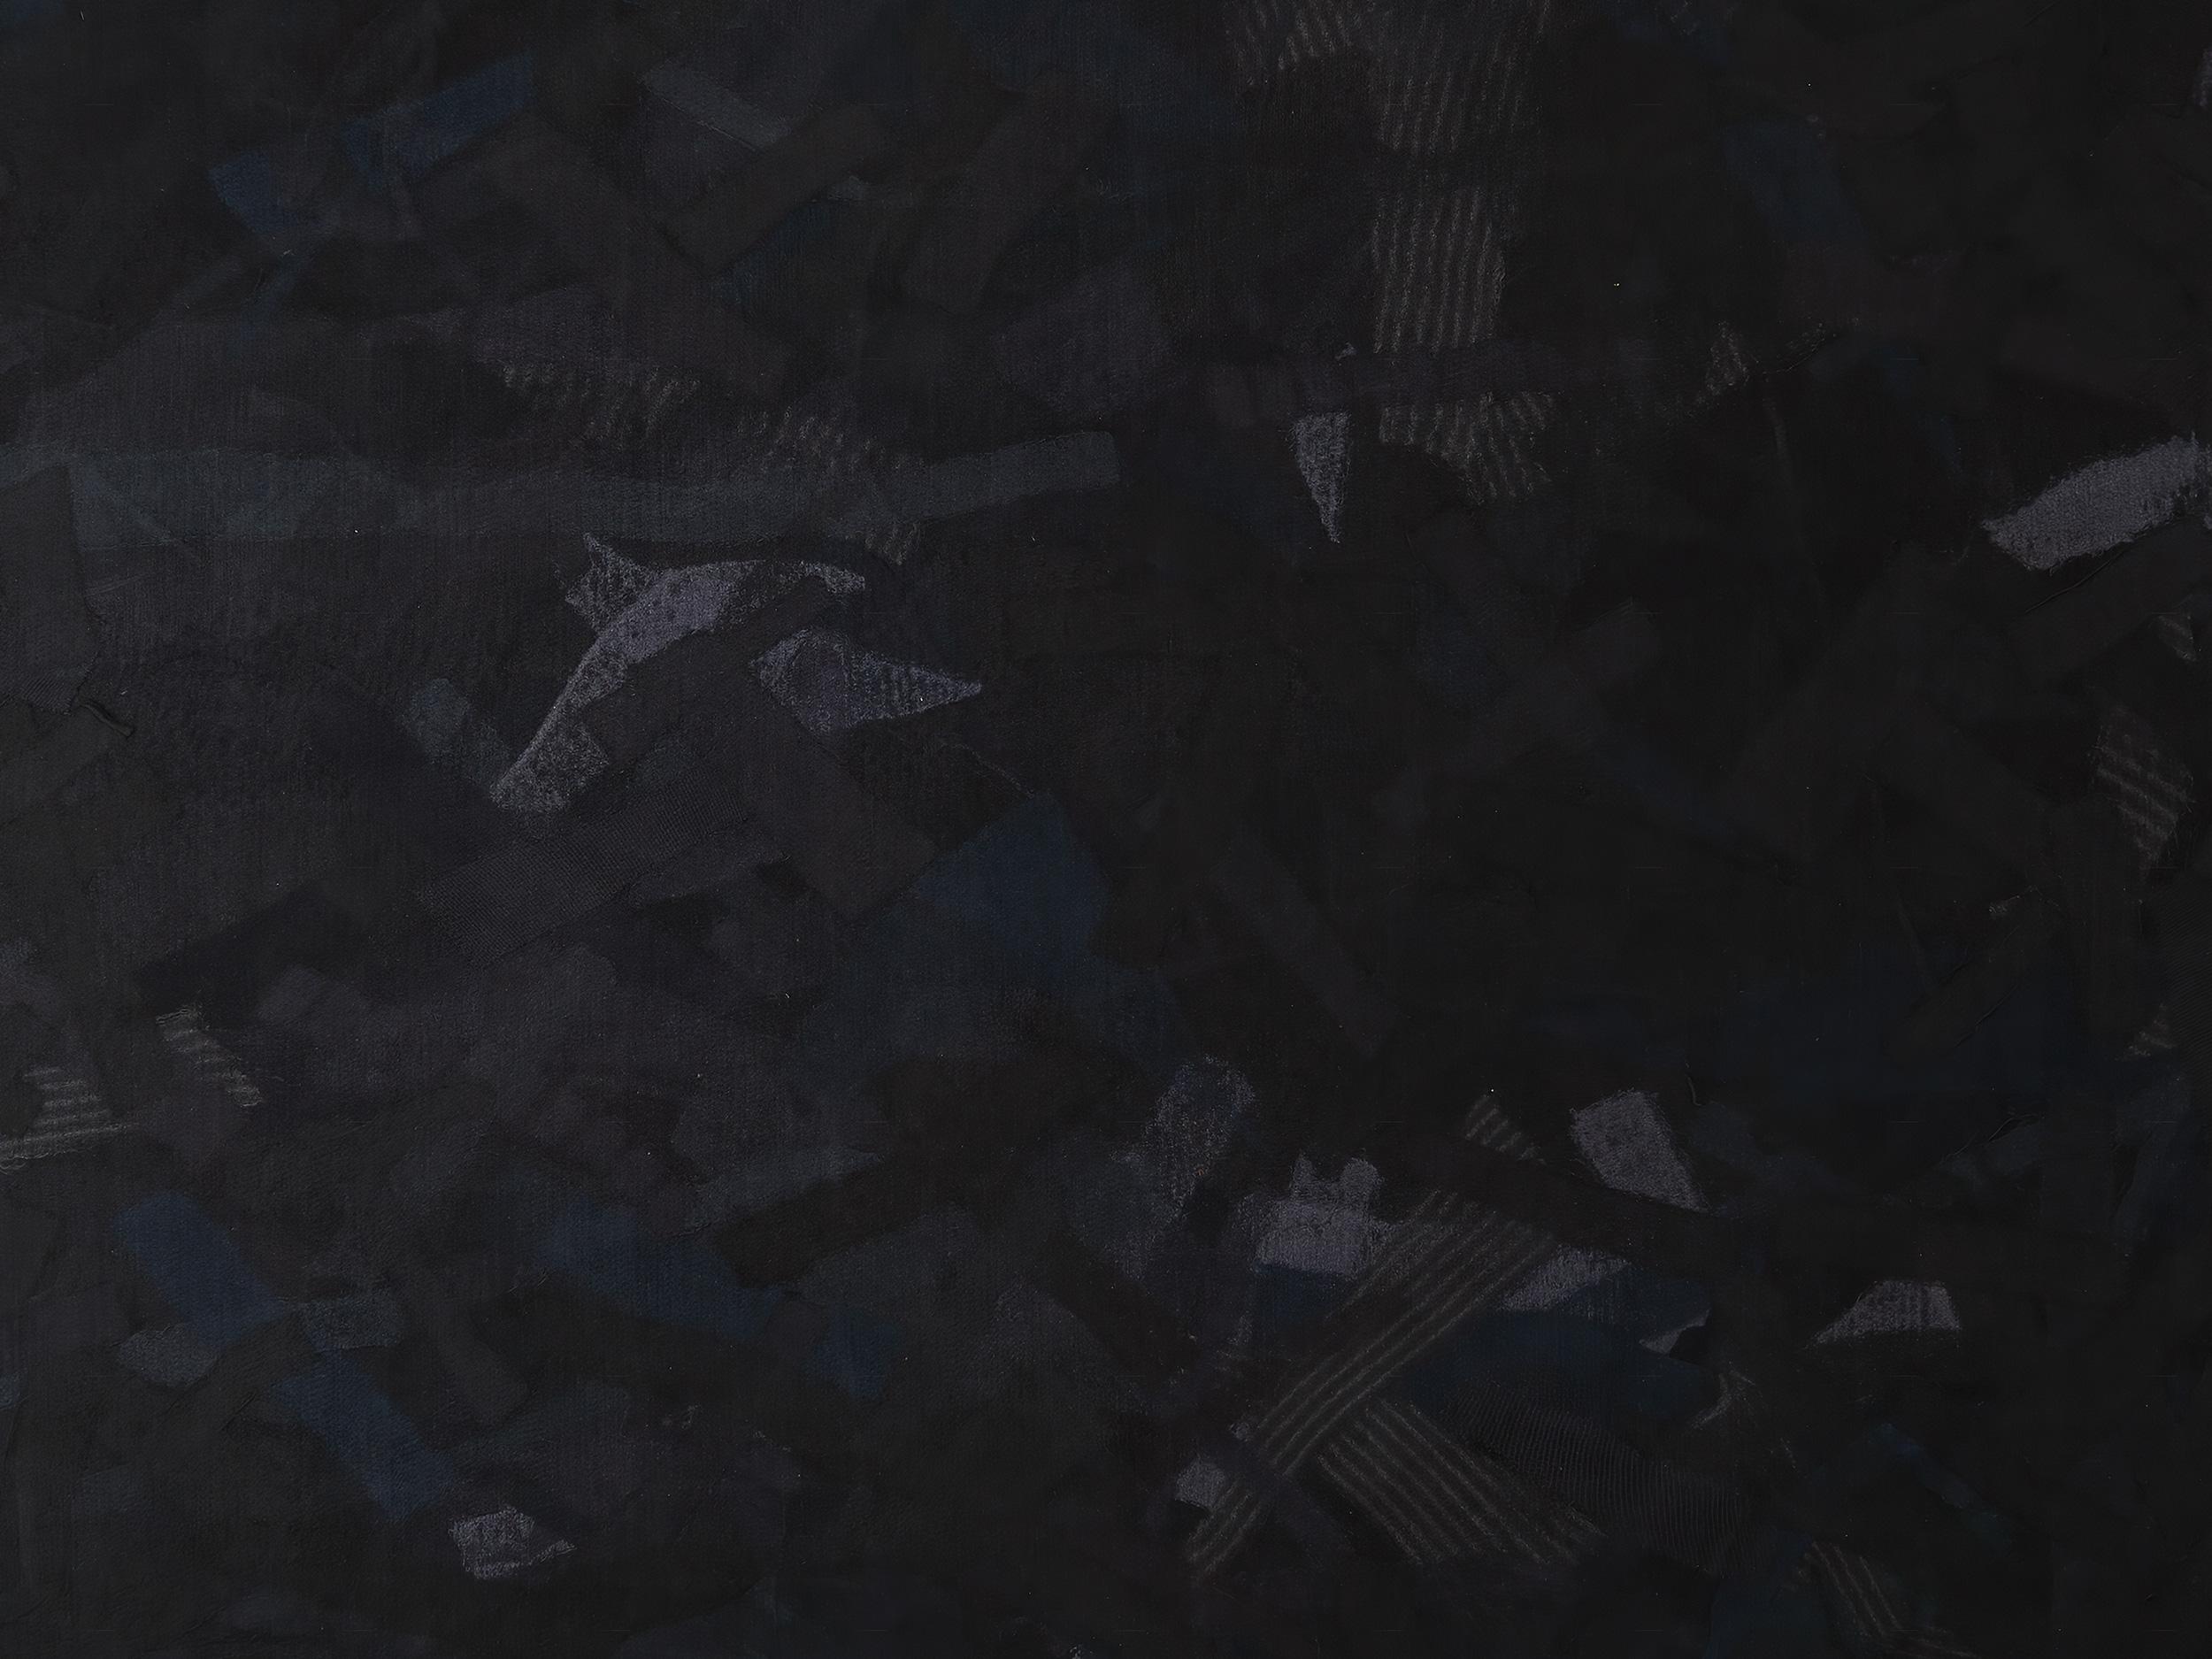 Crisscross-Hatching-Black-Detail.jpg